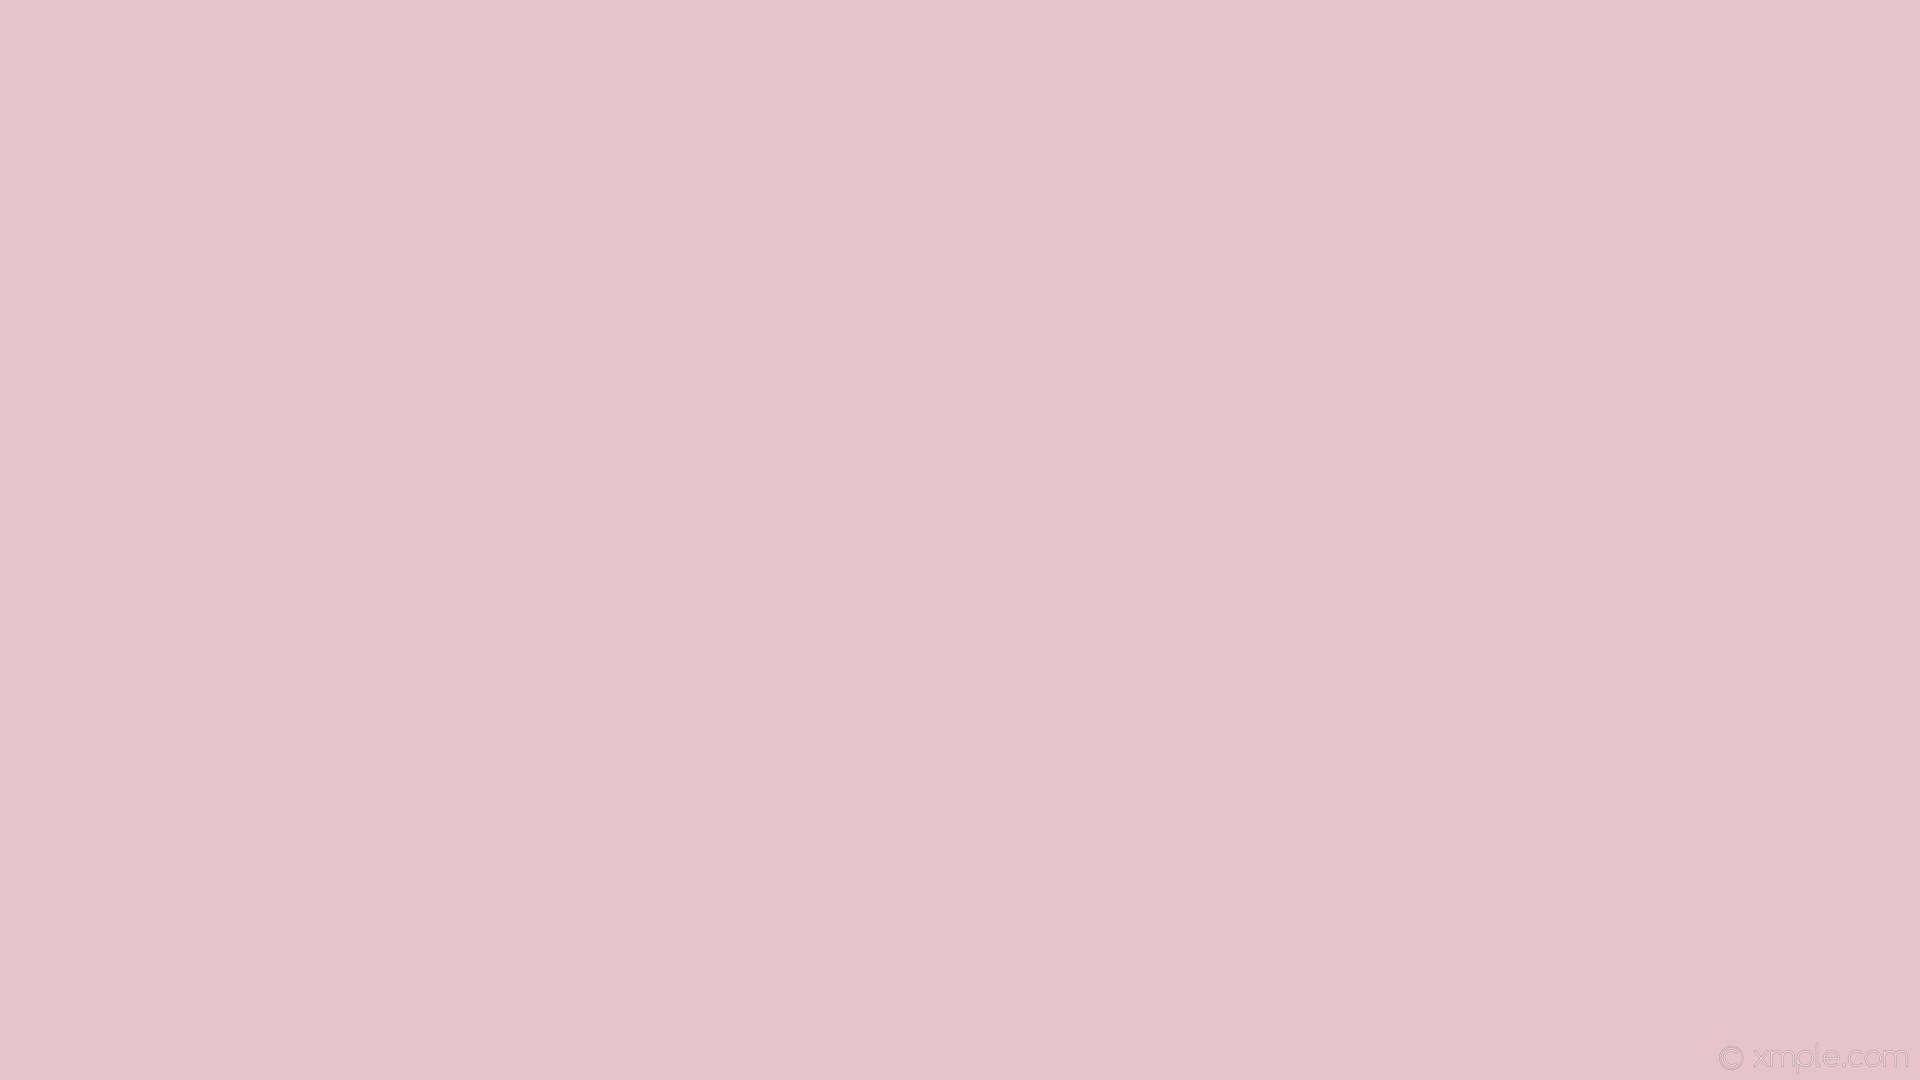 wallpaper one colour pink plain solid color single light pink #e7c3cc